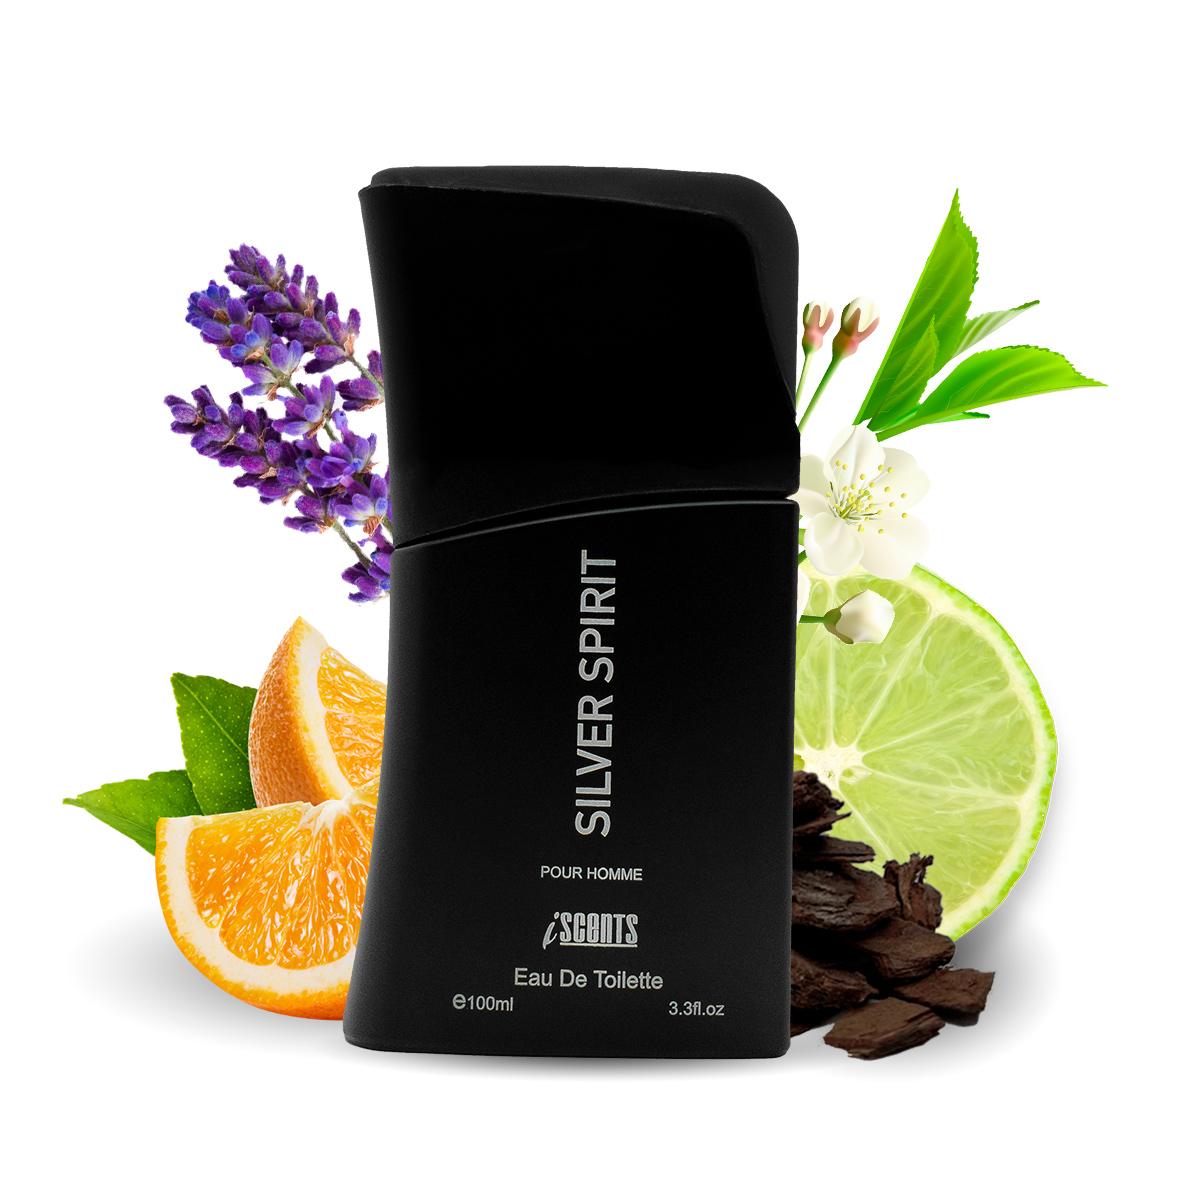 Kit 2 Perfumes Importados Fantasia e Silver Spirit I Scents  - Mercari Perfumes